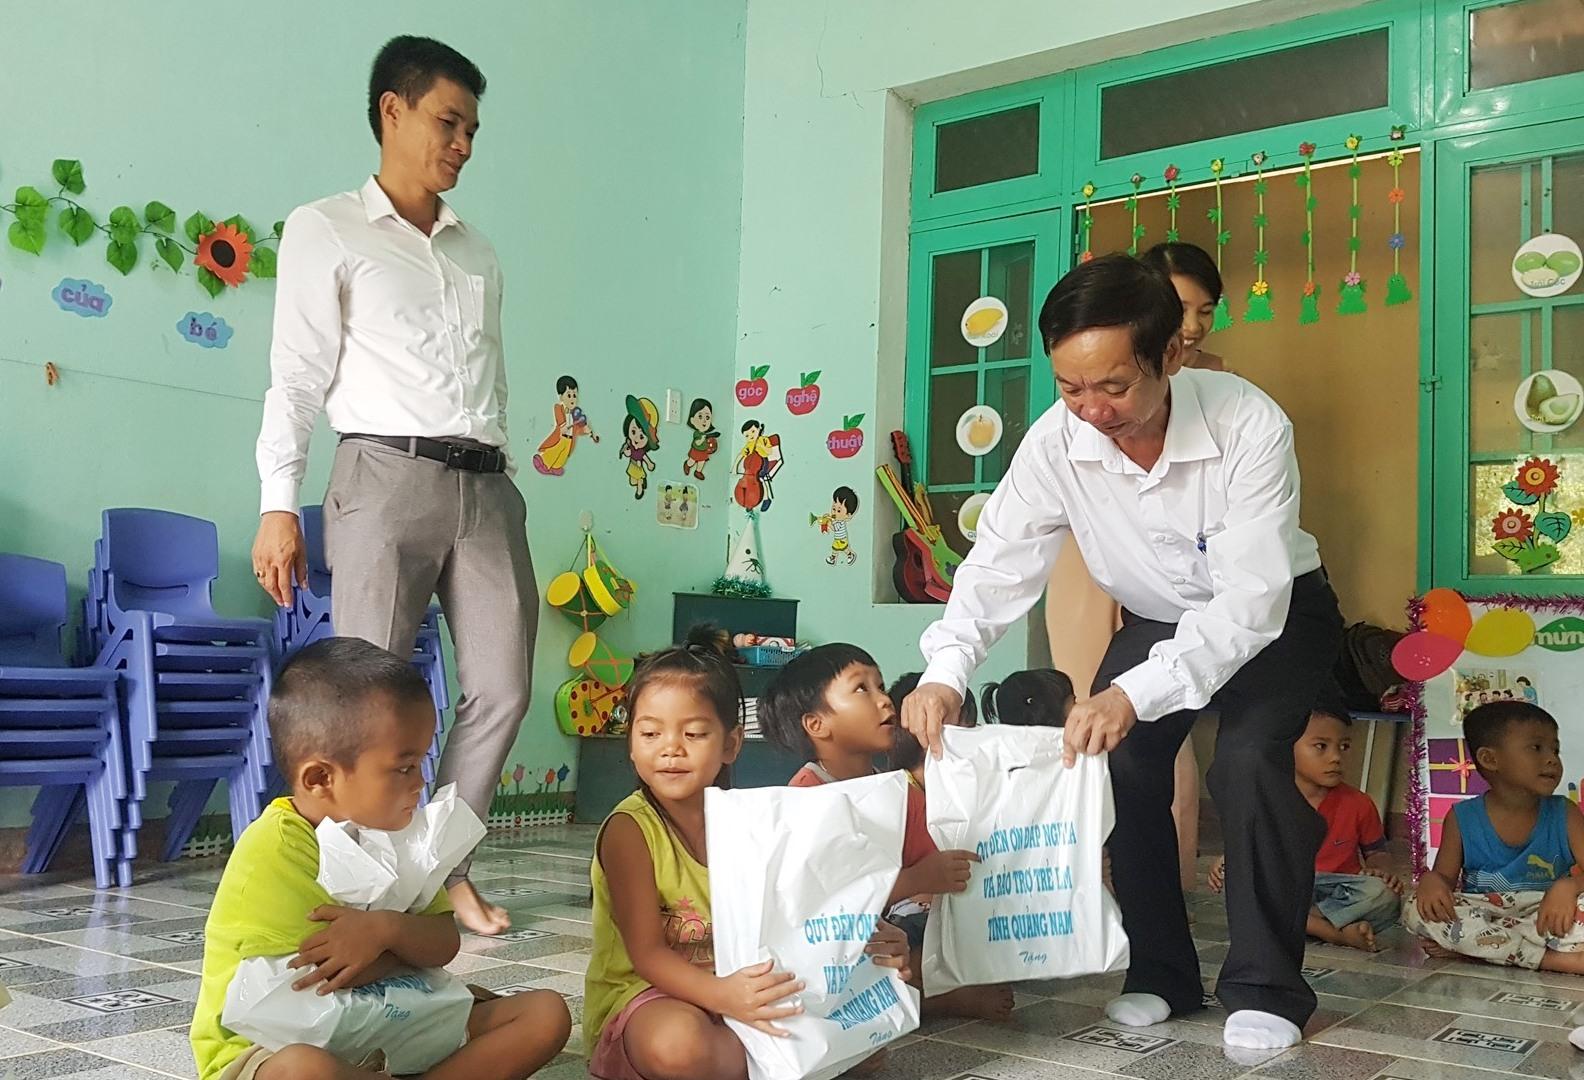 Đồng chí Võ Hồng tặng quà cho trẻ mẫu giáo. Ảnh: D.L